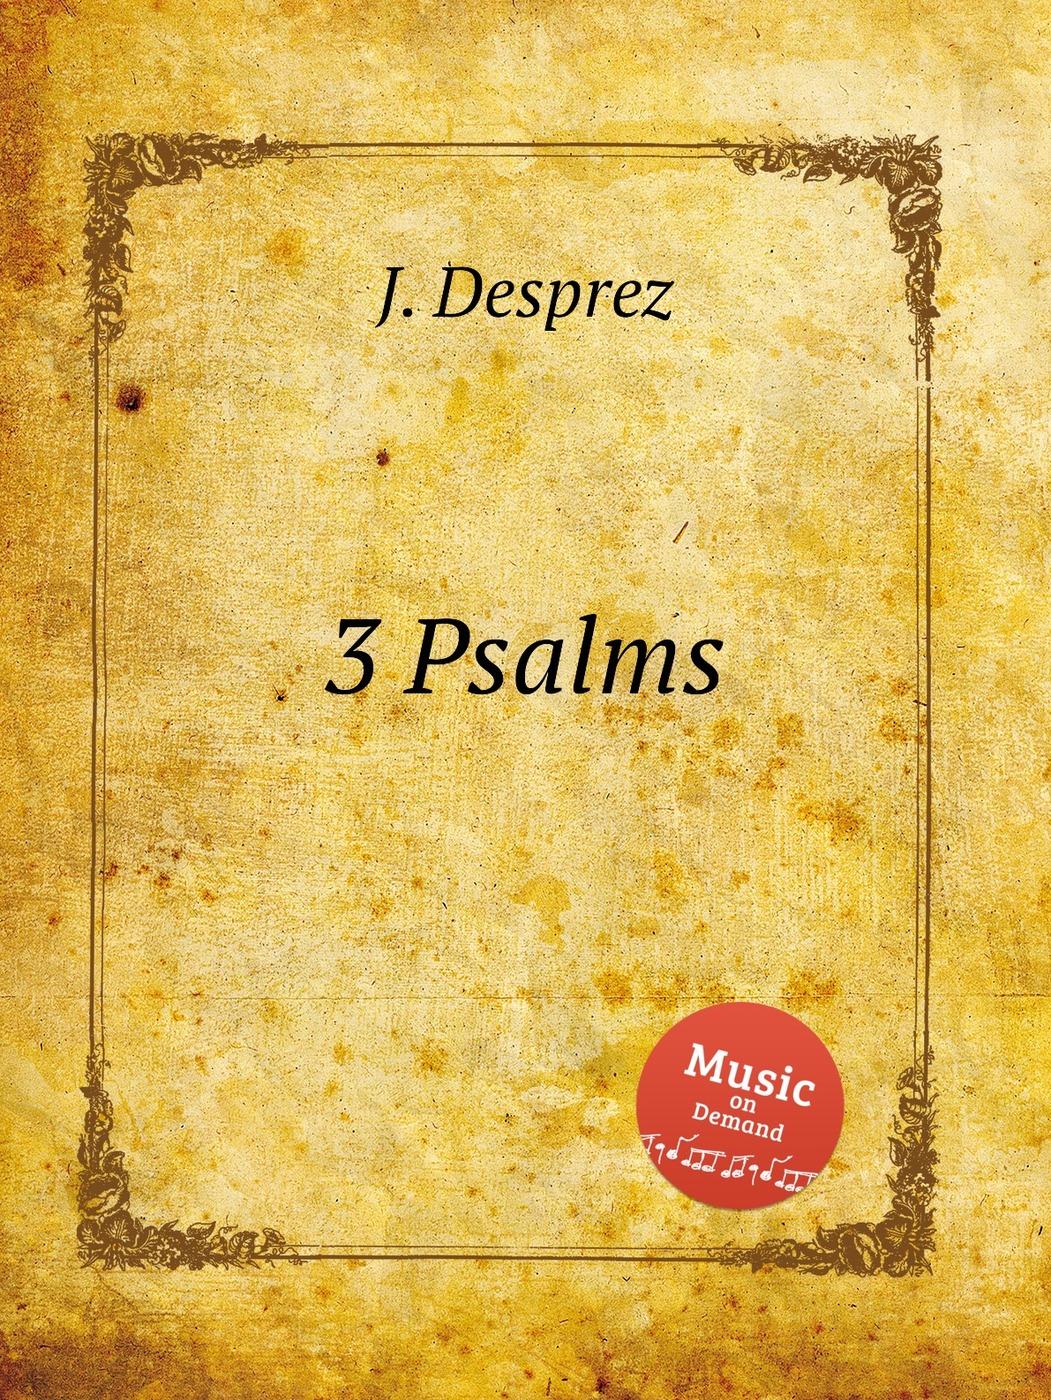 3 Psalms